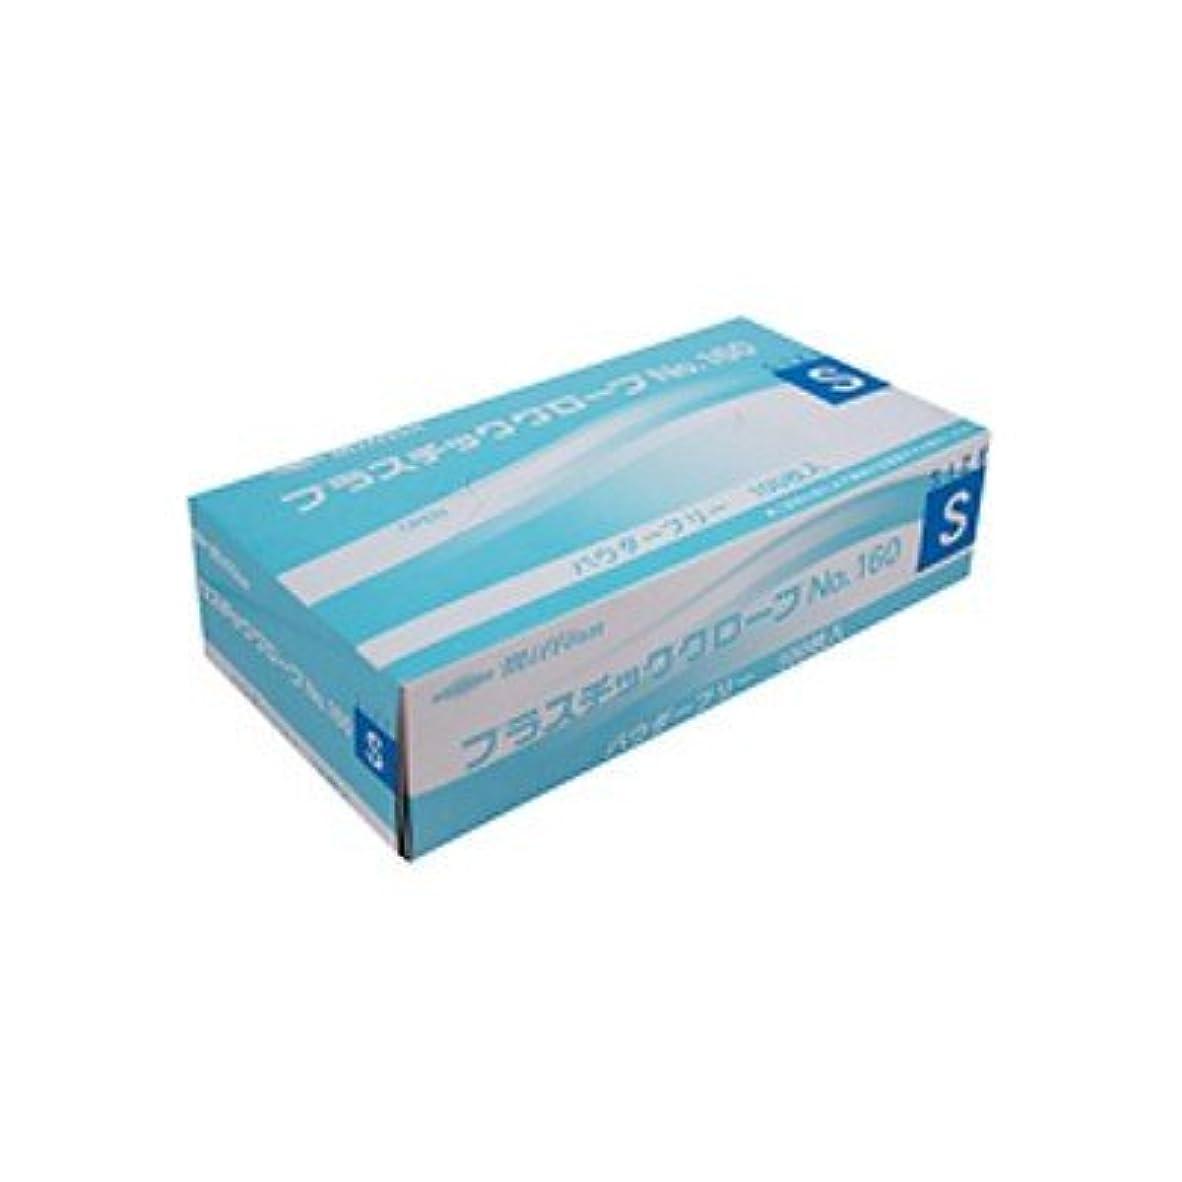 ウィザードスケート打ち負かすミリオン プラスチック手袋 粉無 No.160 S 品番:LH-160-S 注文番号:62741613 メーカー:共和